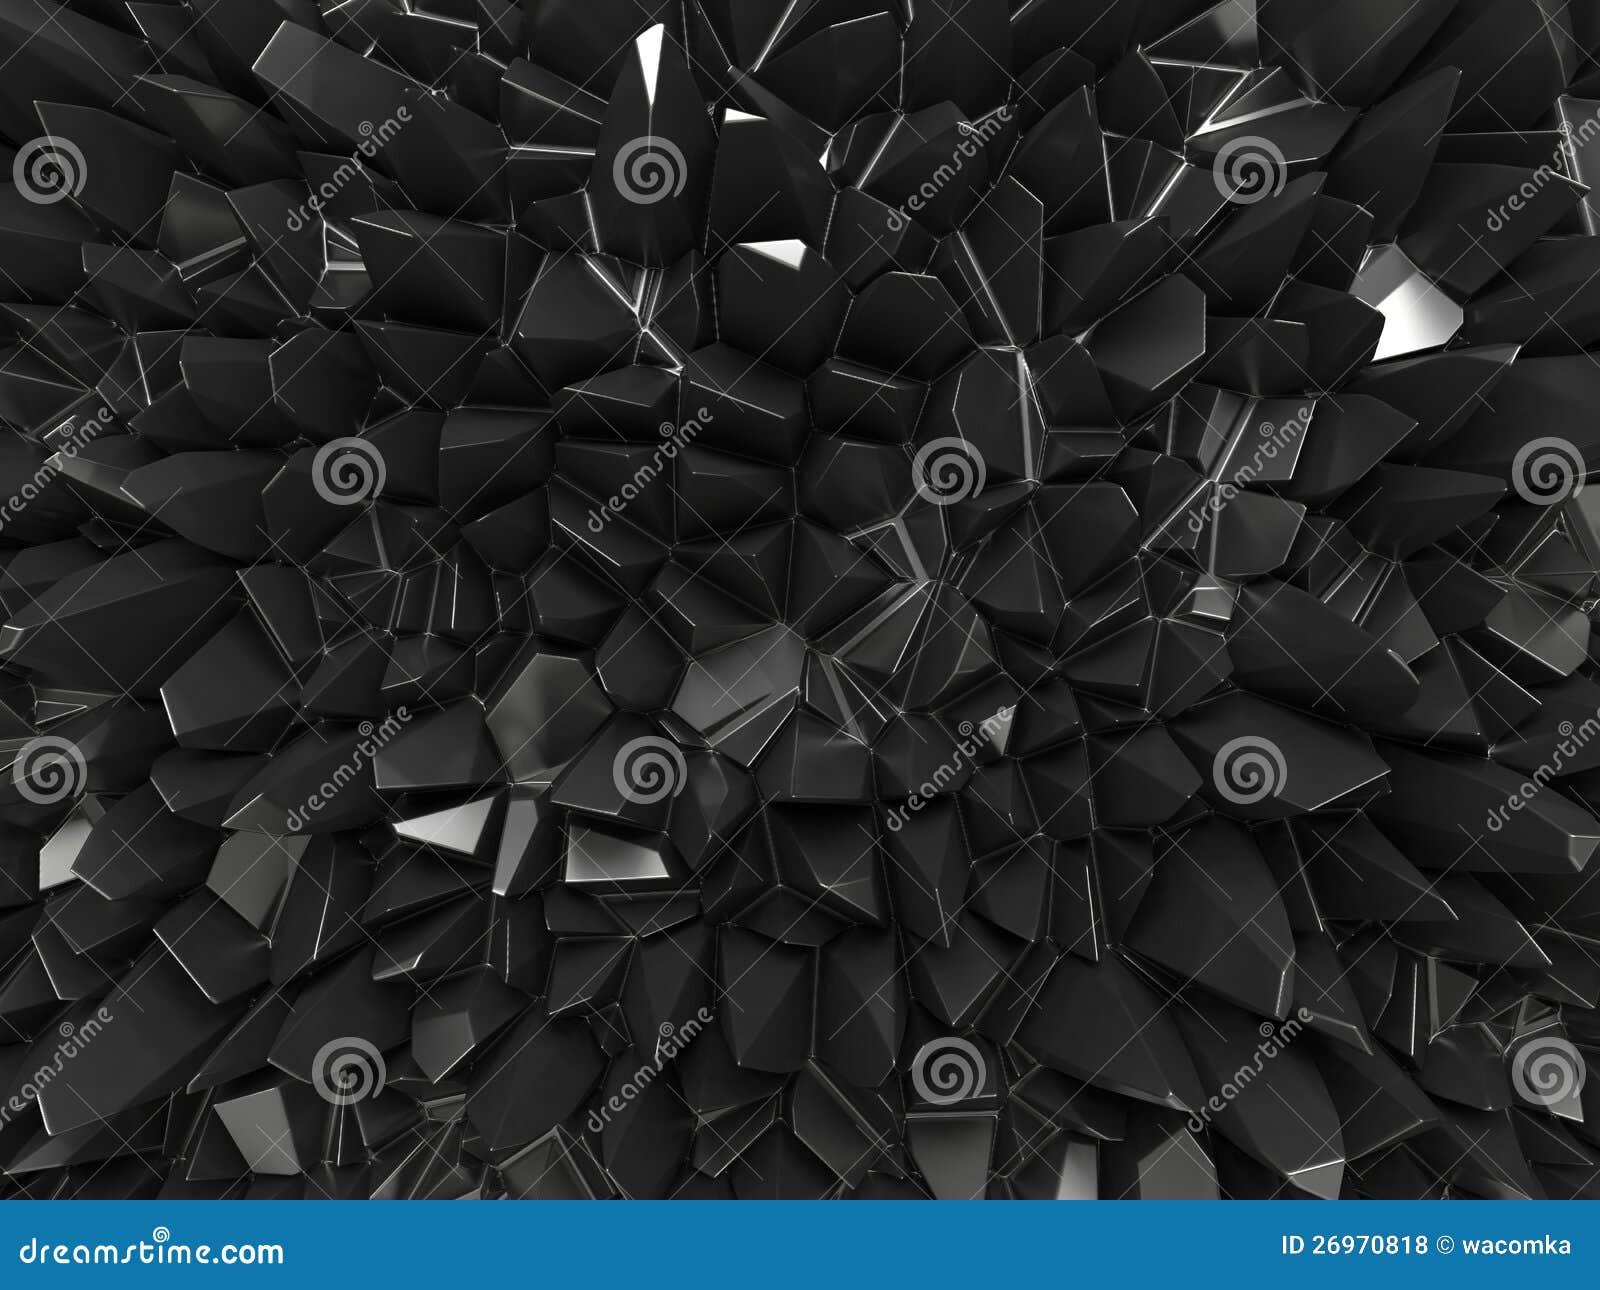 抽象黑色雕琢平面的背景